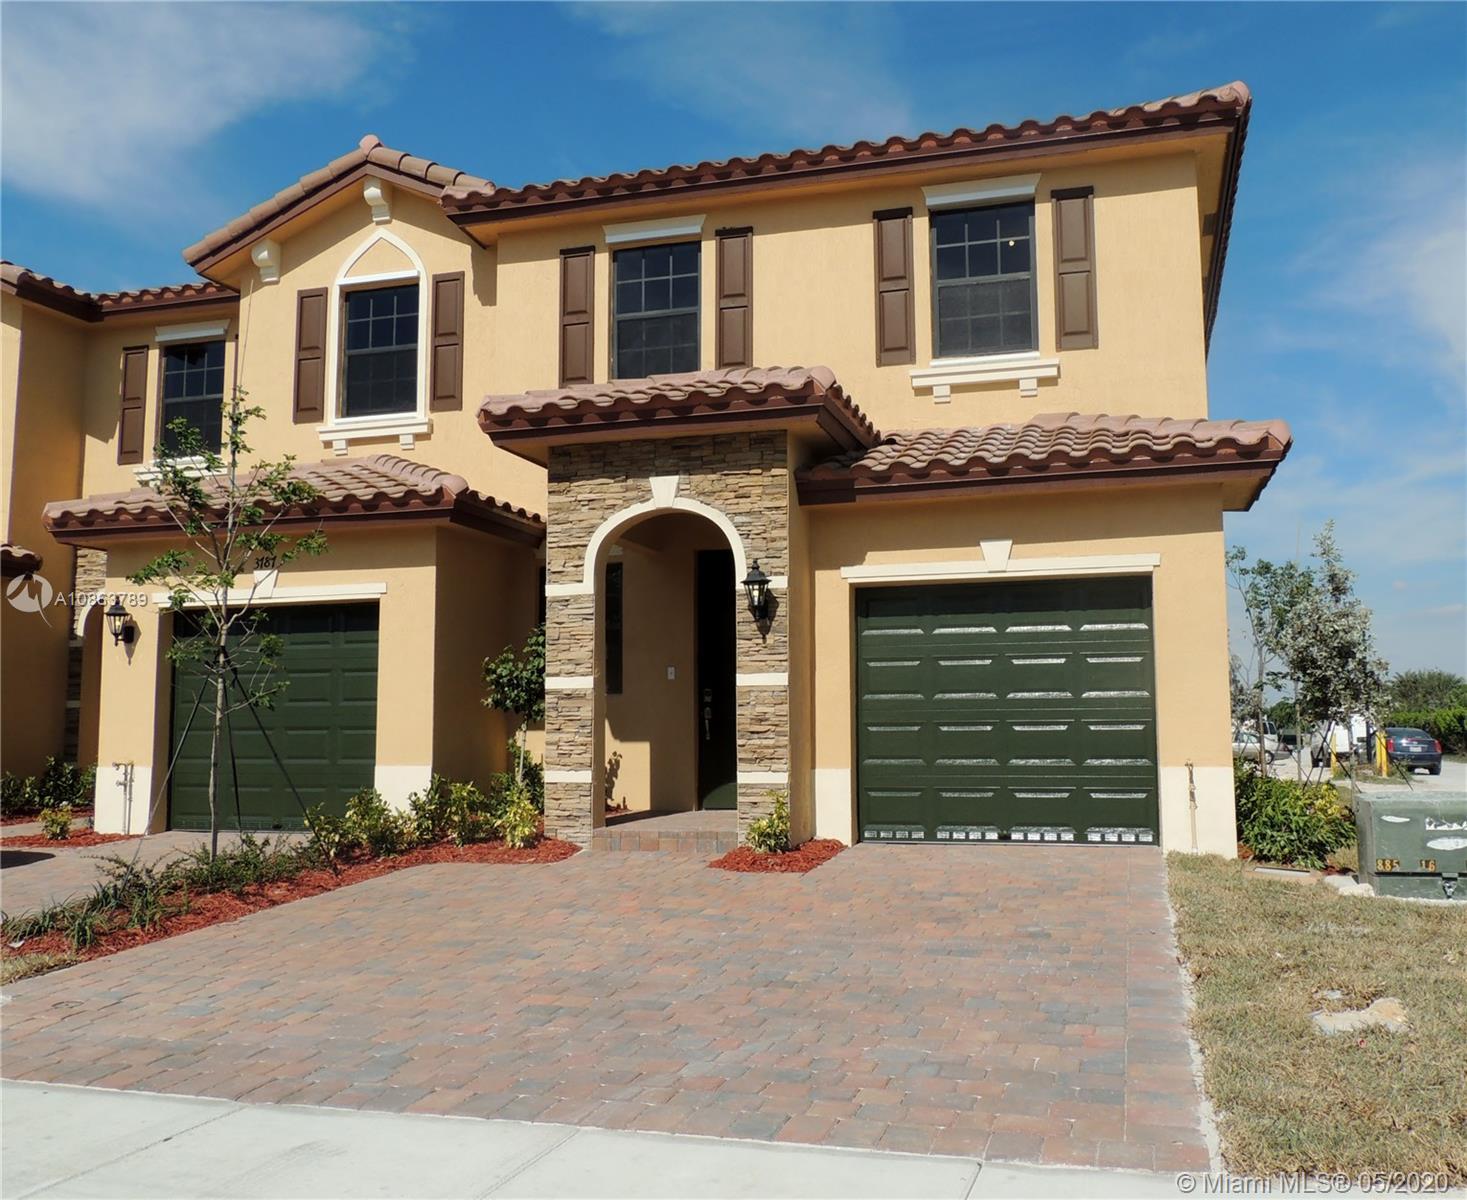 3793 SE 2nd St #3793, Homestead, FL 33033 - Homestead, FL real estate listing